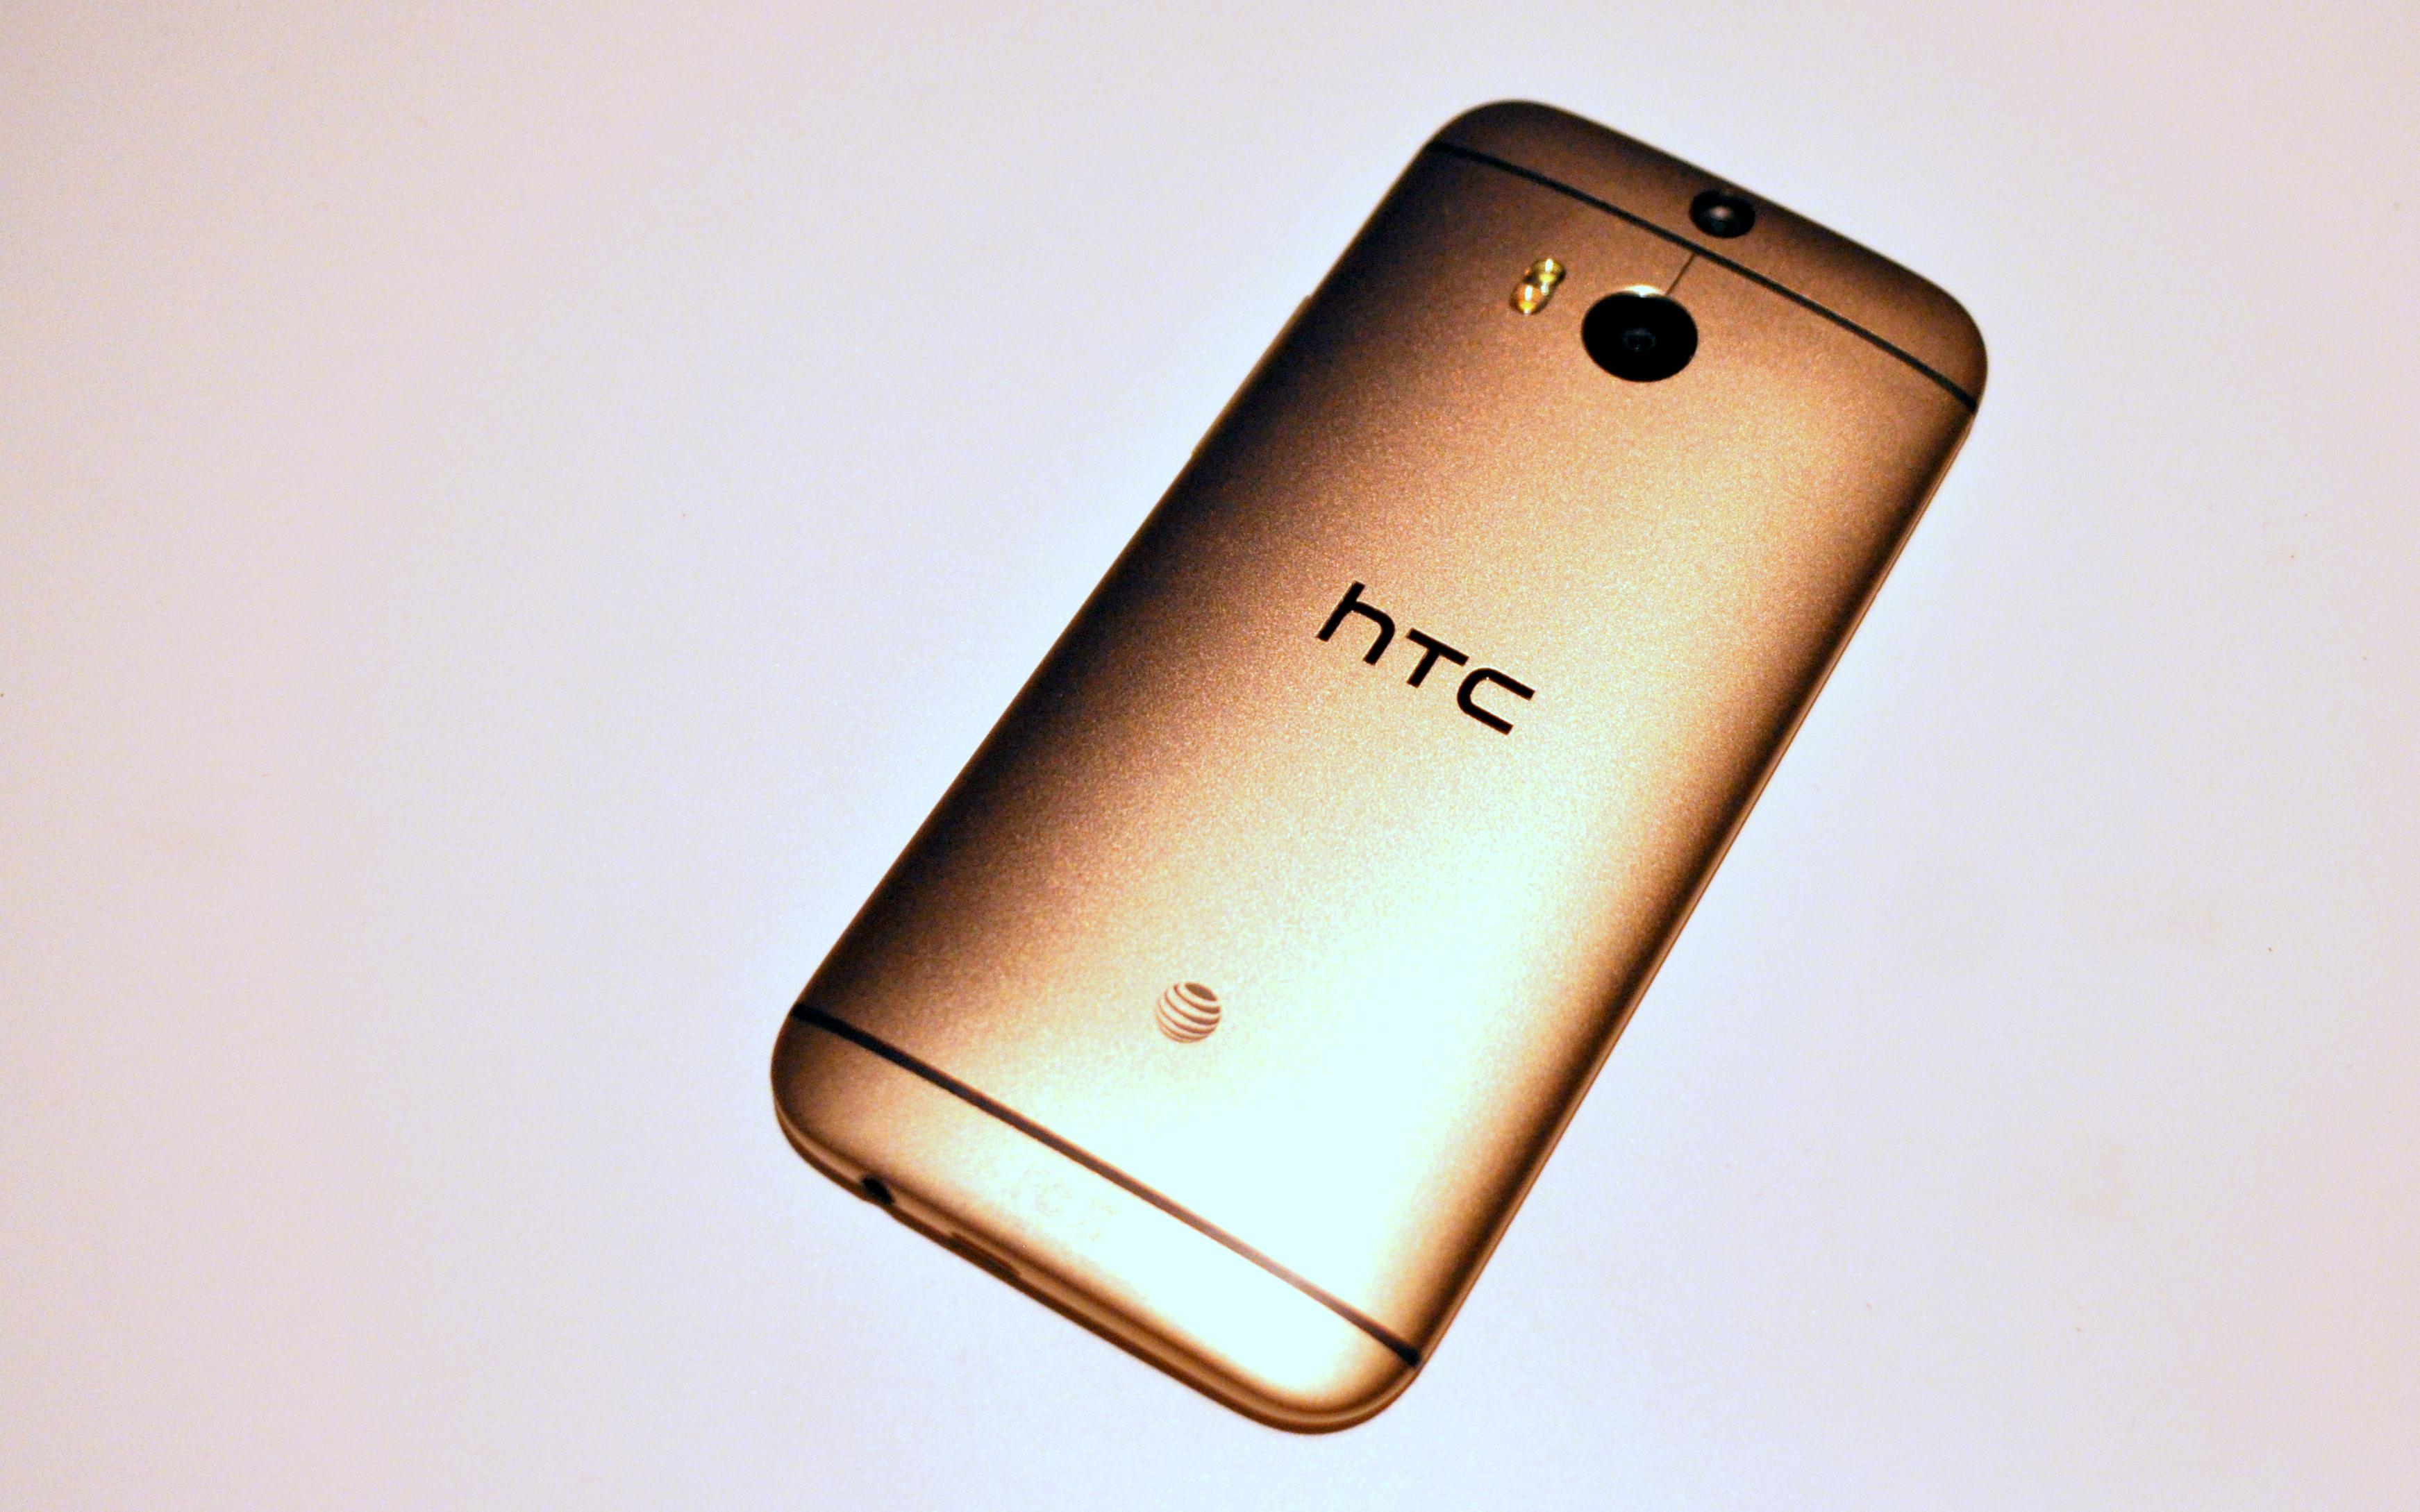 HTC One M8 Price Comparison